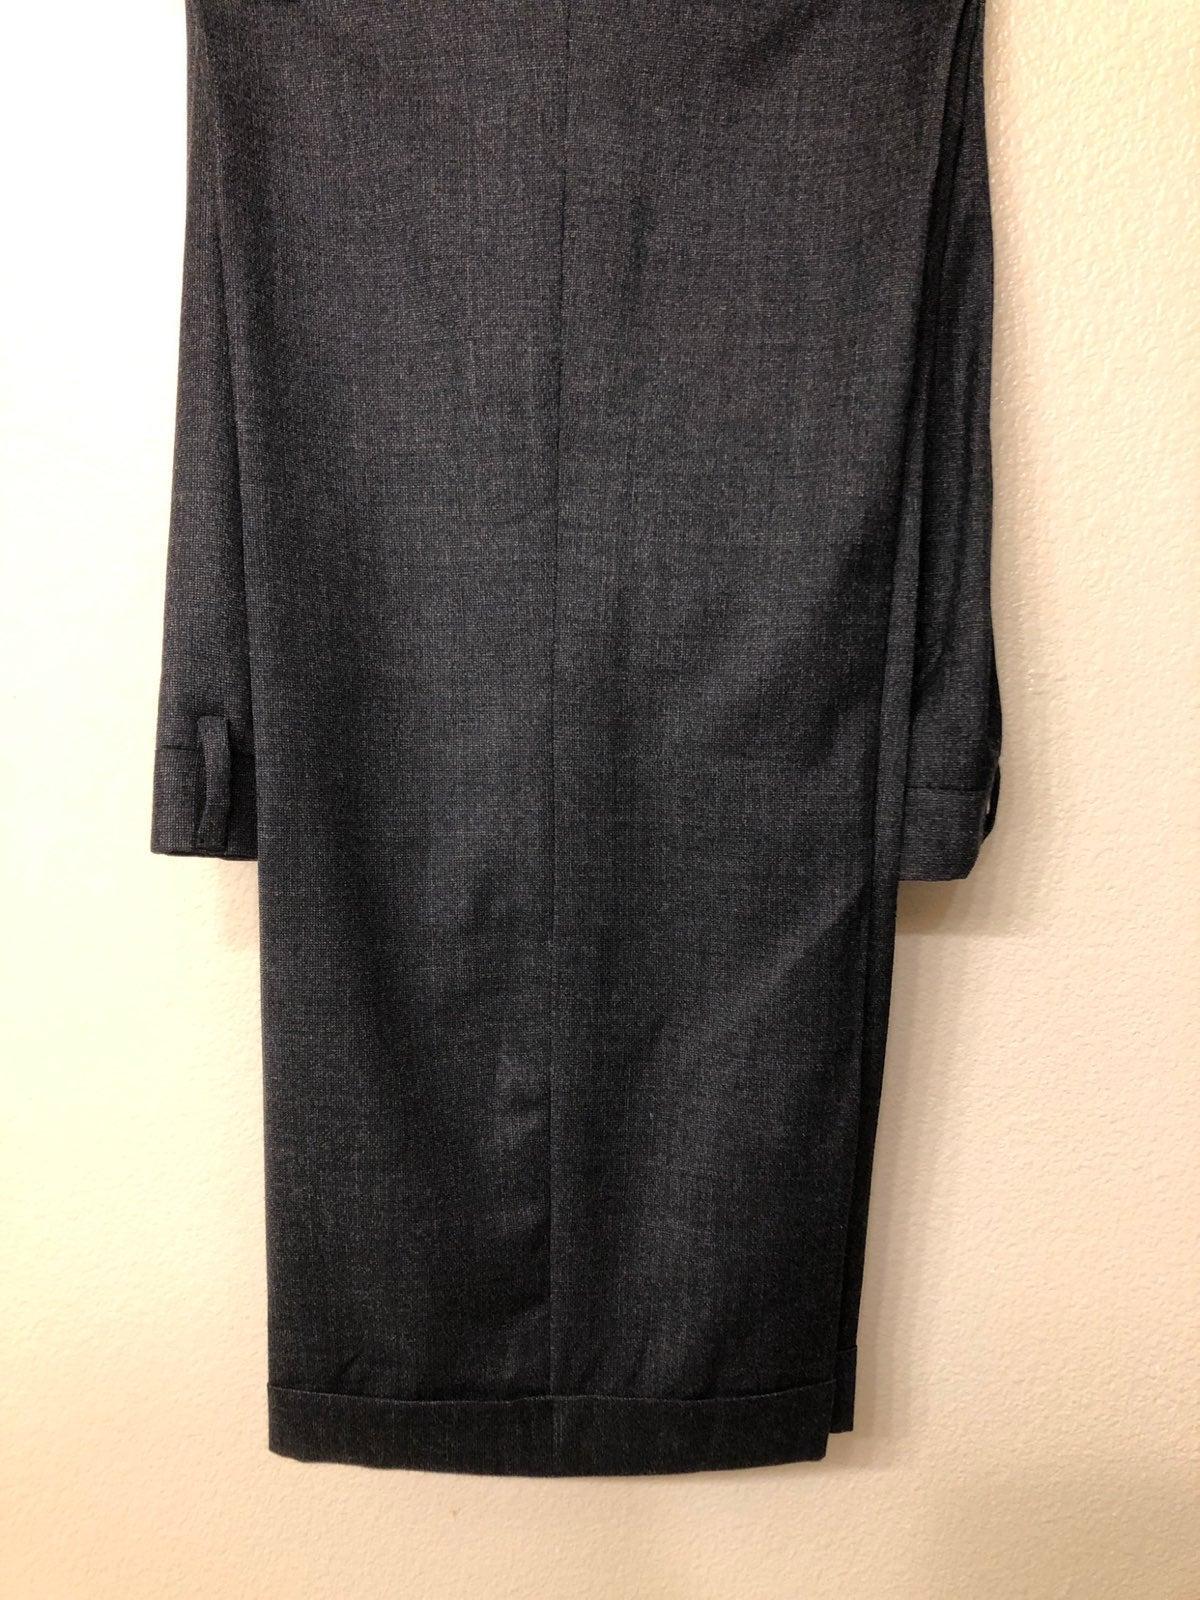 belvest dress pants super 100 s size 36